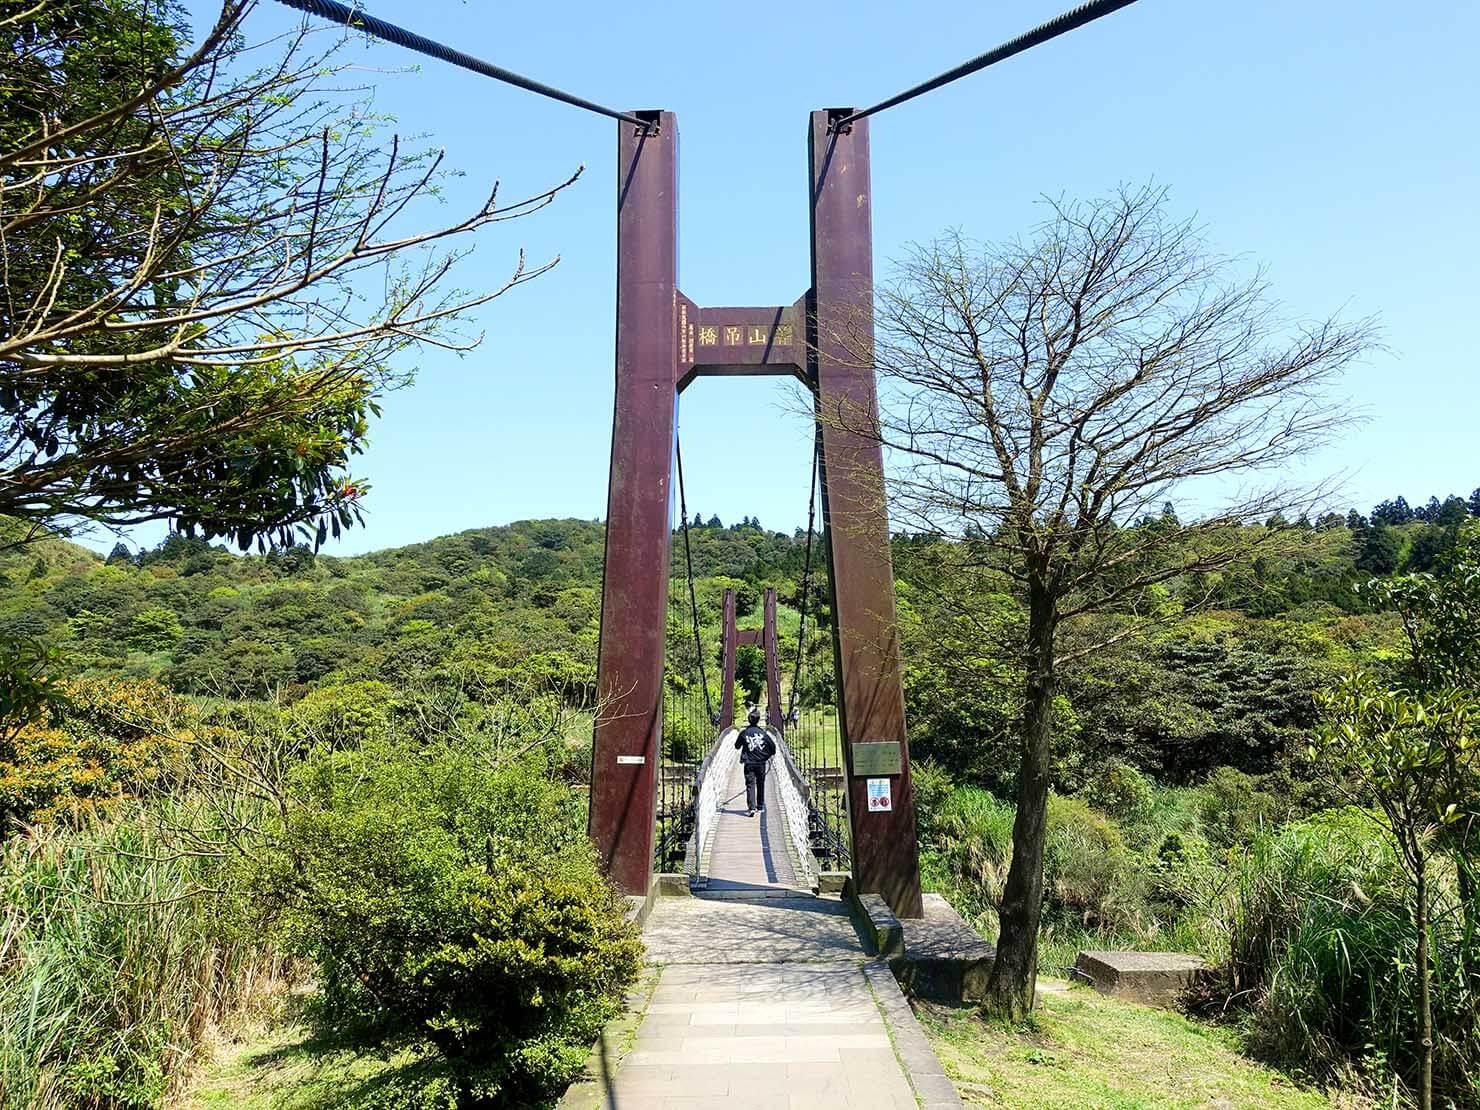 台北・陽明山のおすすめスポット「冷水坑」の菁山吊橋